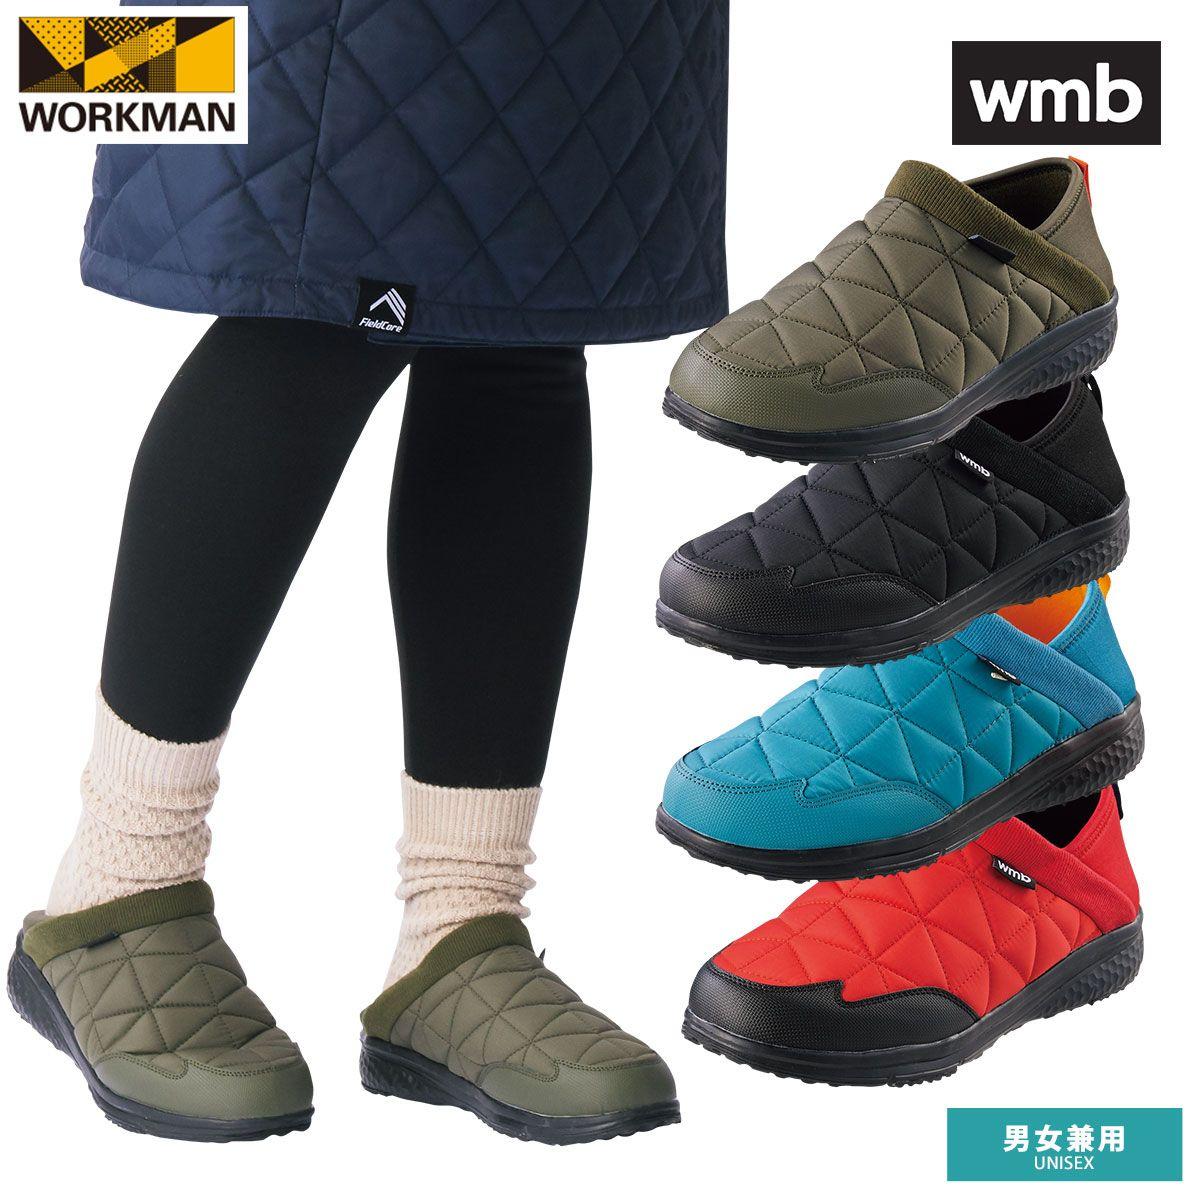 足元の寒さ対策はワークマンで完璧に 新作5種は見つけたら即確保しておこう Camp Hack キャンプハック 作業着 スリッポン 作業服